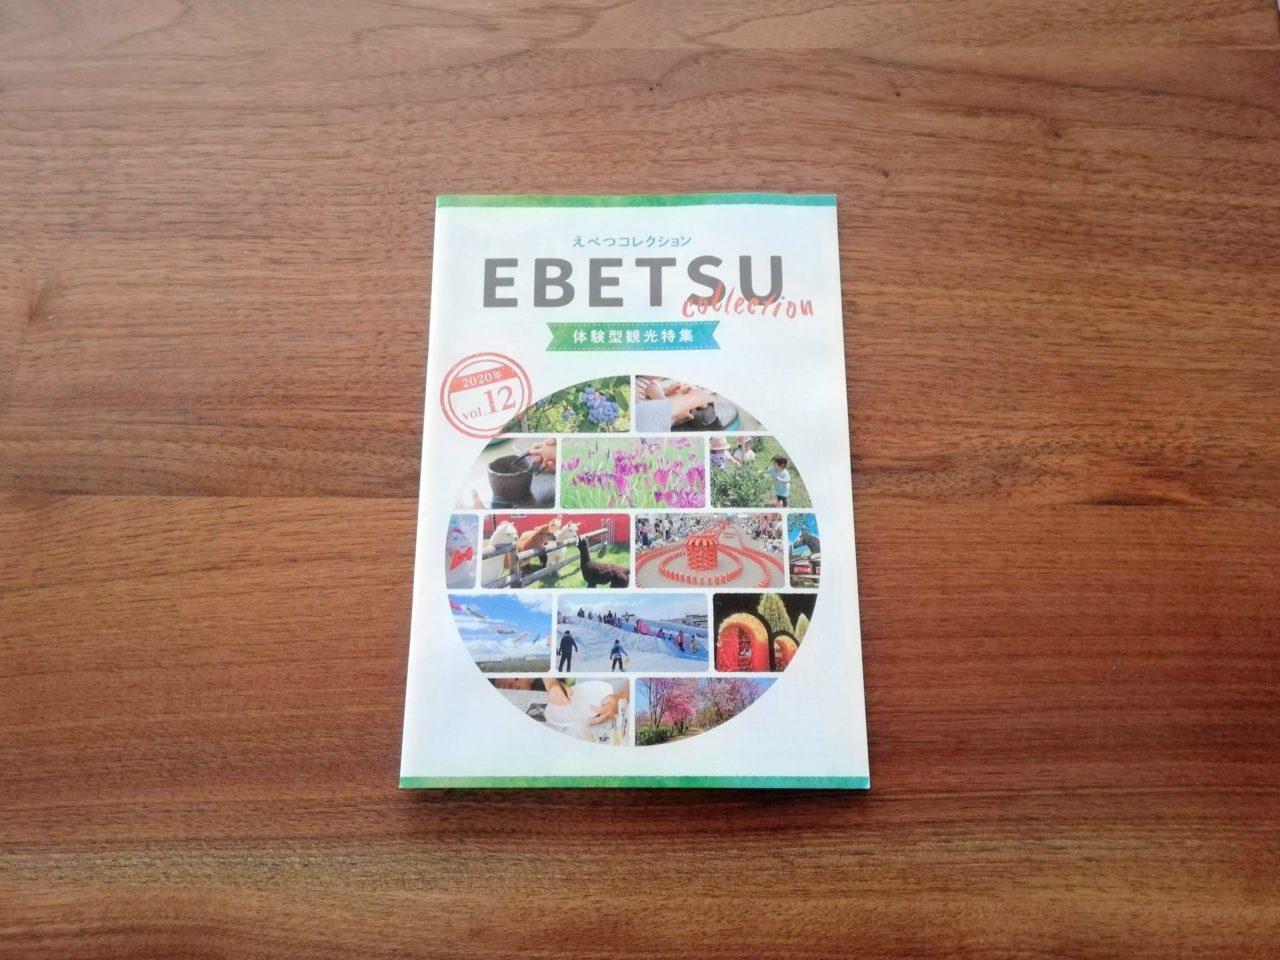 江別観光パンフレット「えべつコレクション」に載せて頂きました。  江別にお越しの際は市内各所に置いているパンフレット、お手に取って頂けたらと思います。  地図やたくさんのお店が掲載されており面白い内容です。